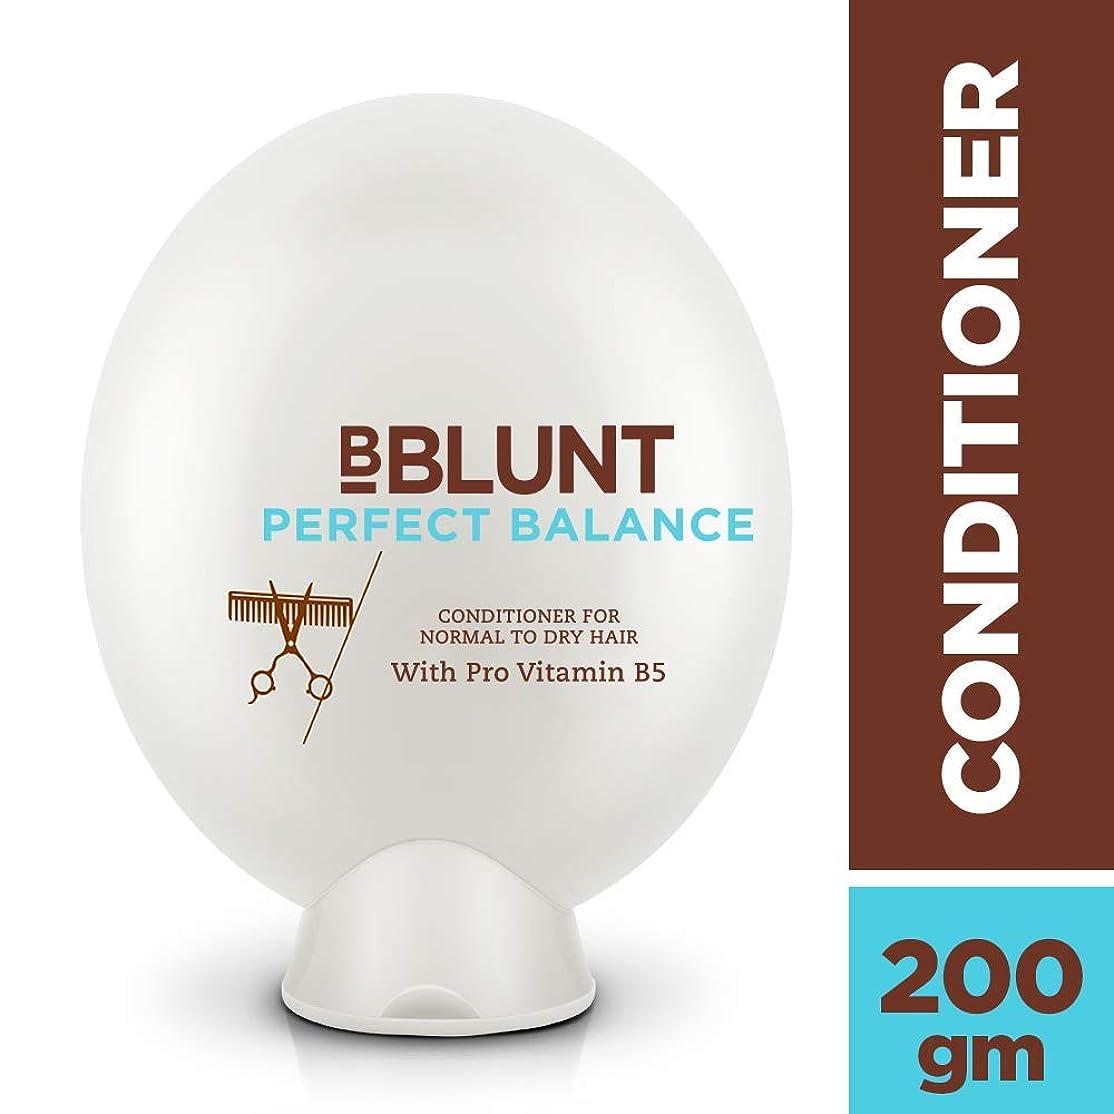 消費イタリック南方のBBLUNT Perfect Balance Conditioner for Normal To Dry Hair, 200g (Provitamin B5)